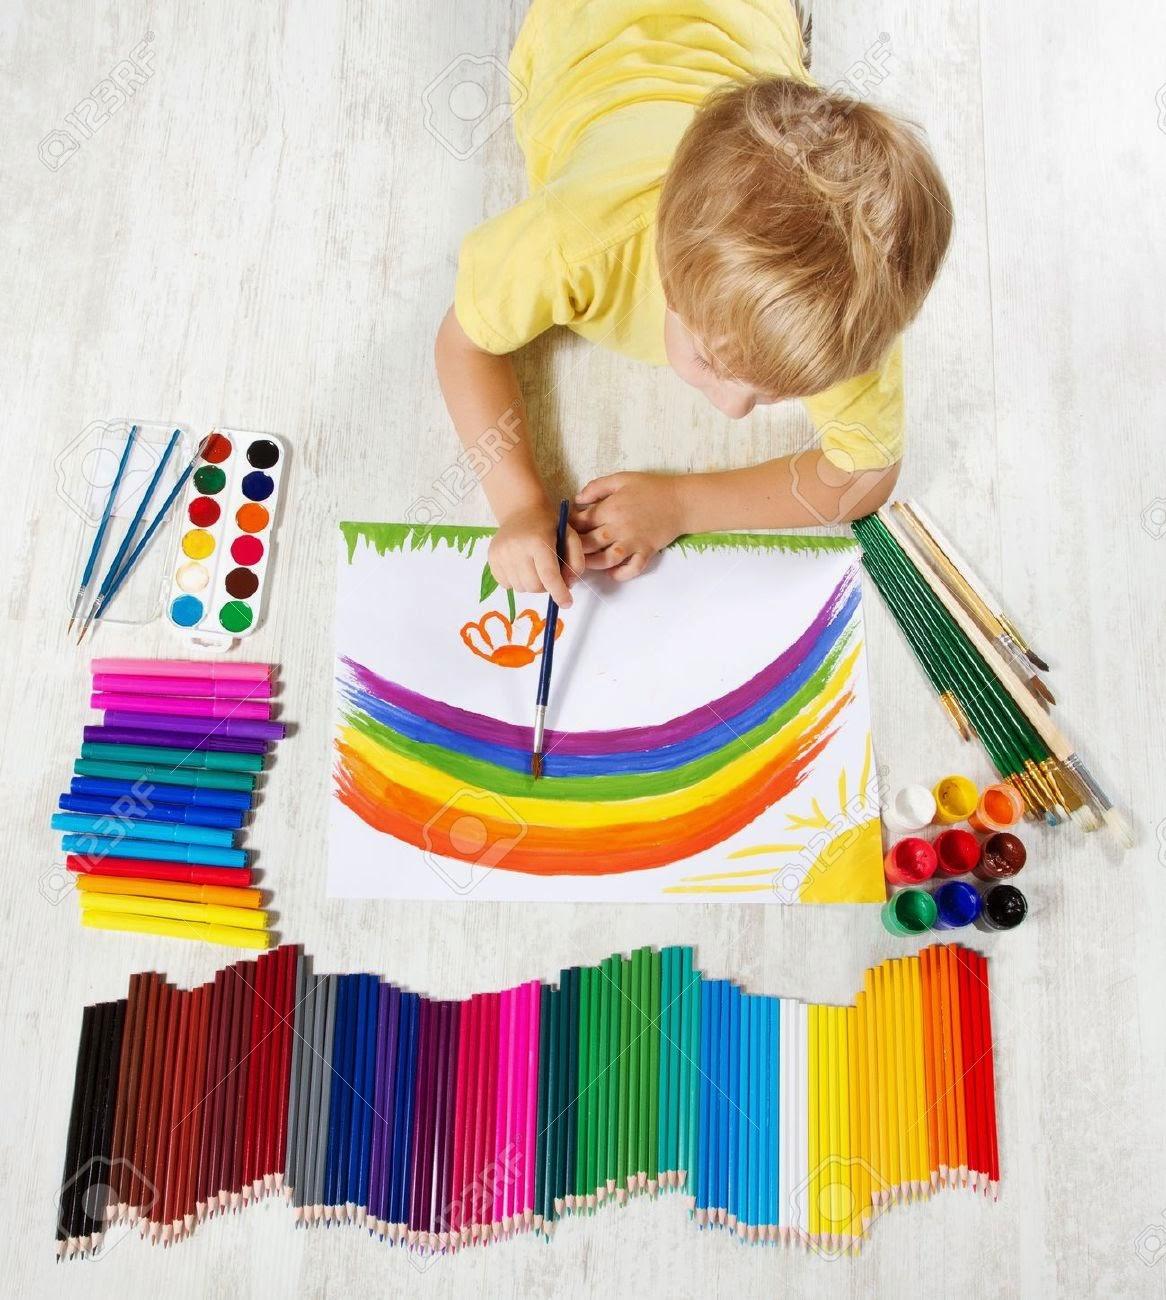 Psicolog a y felicidad con may sculas 10 formas de - Ninos pintando con las manos ...